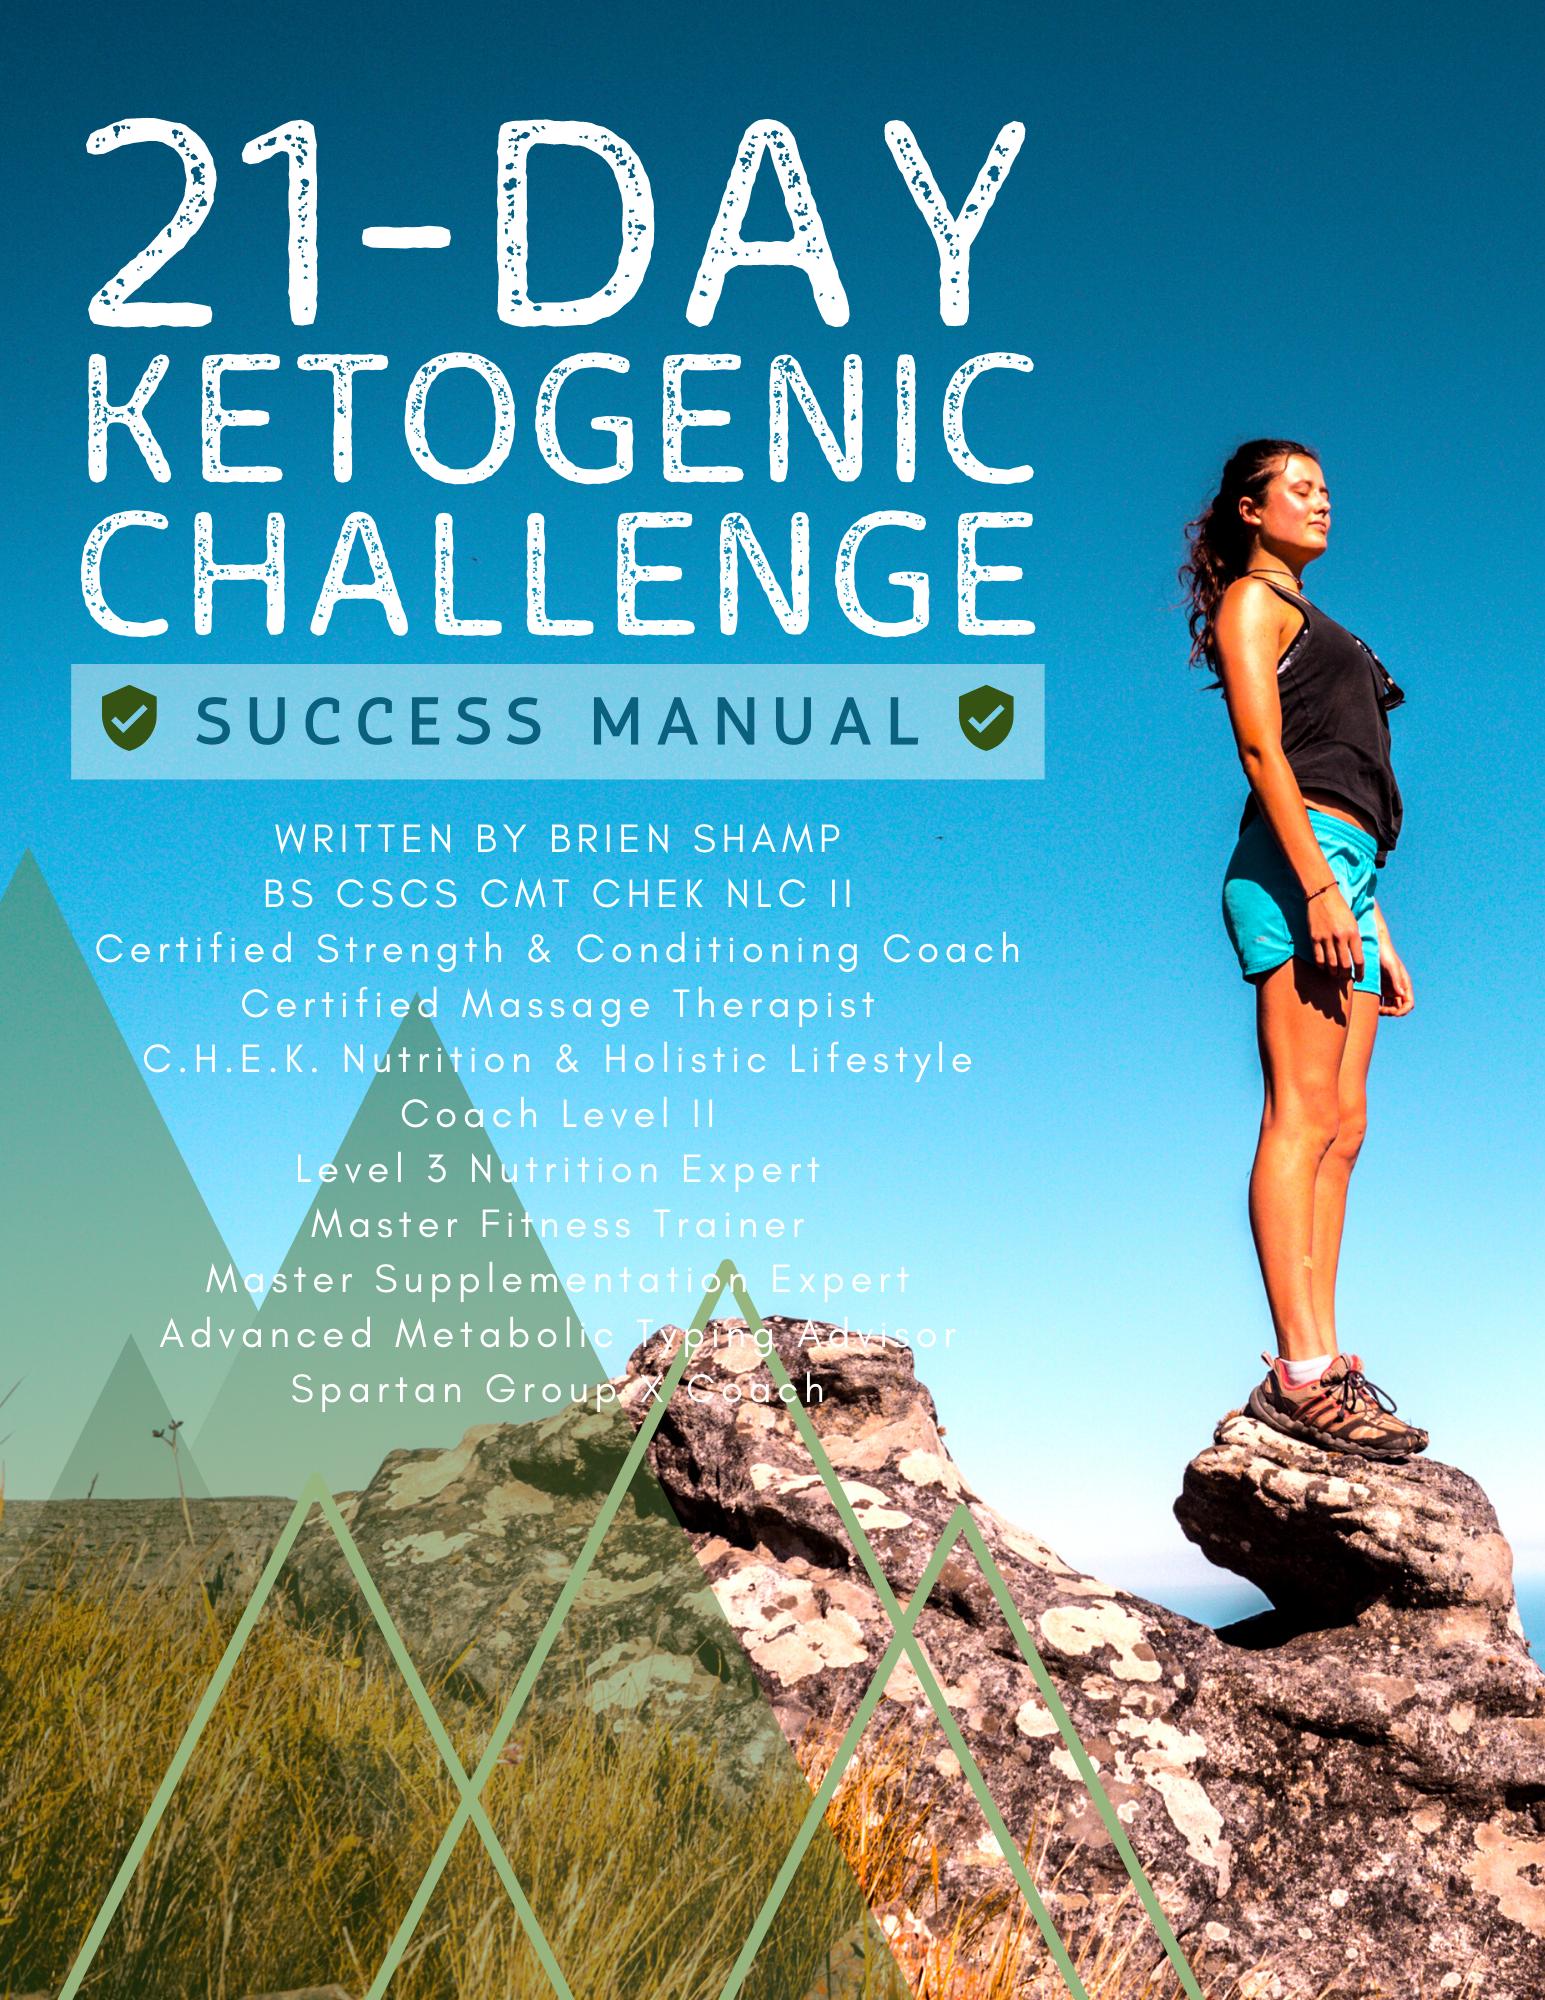 Success Manual- Keto